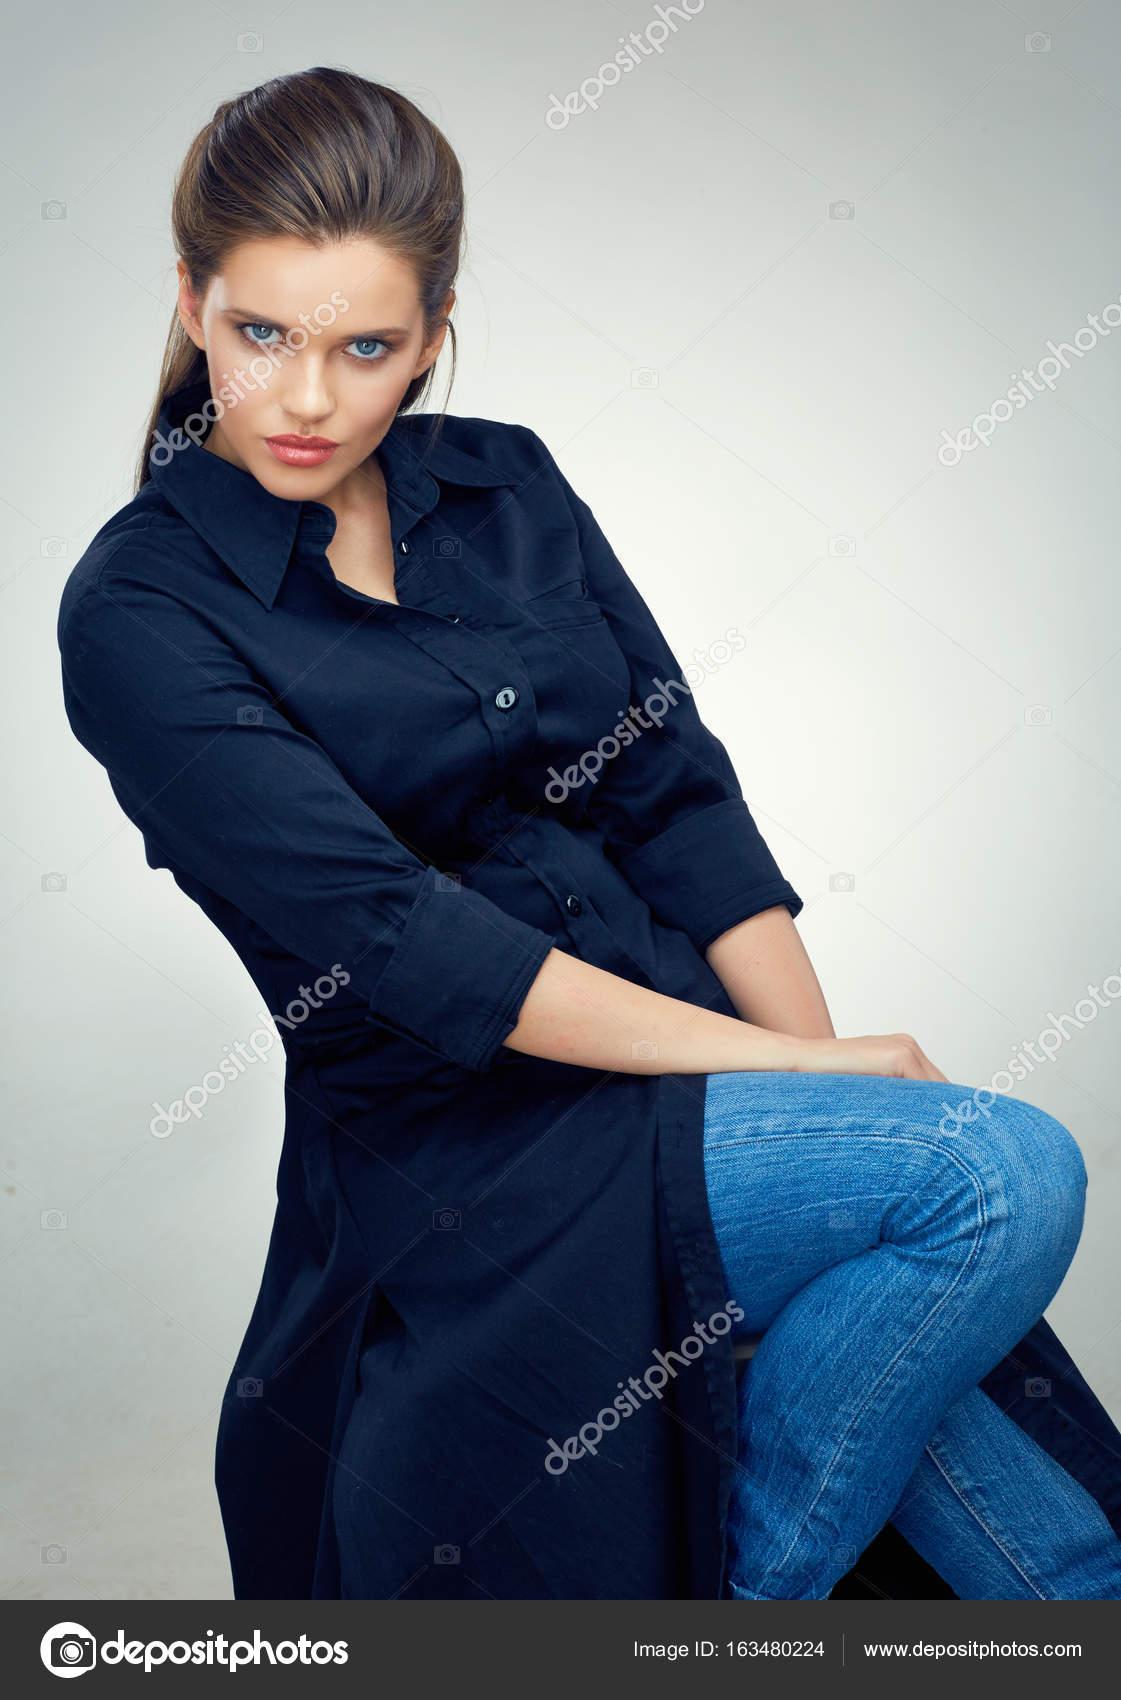 Joven Femenina De Estudio Modelo Negro Asientos En Silla Moda oxredCB